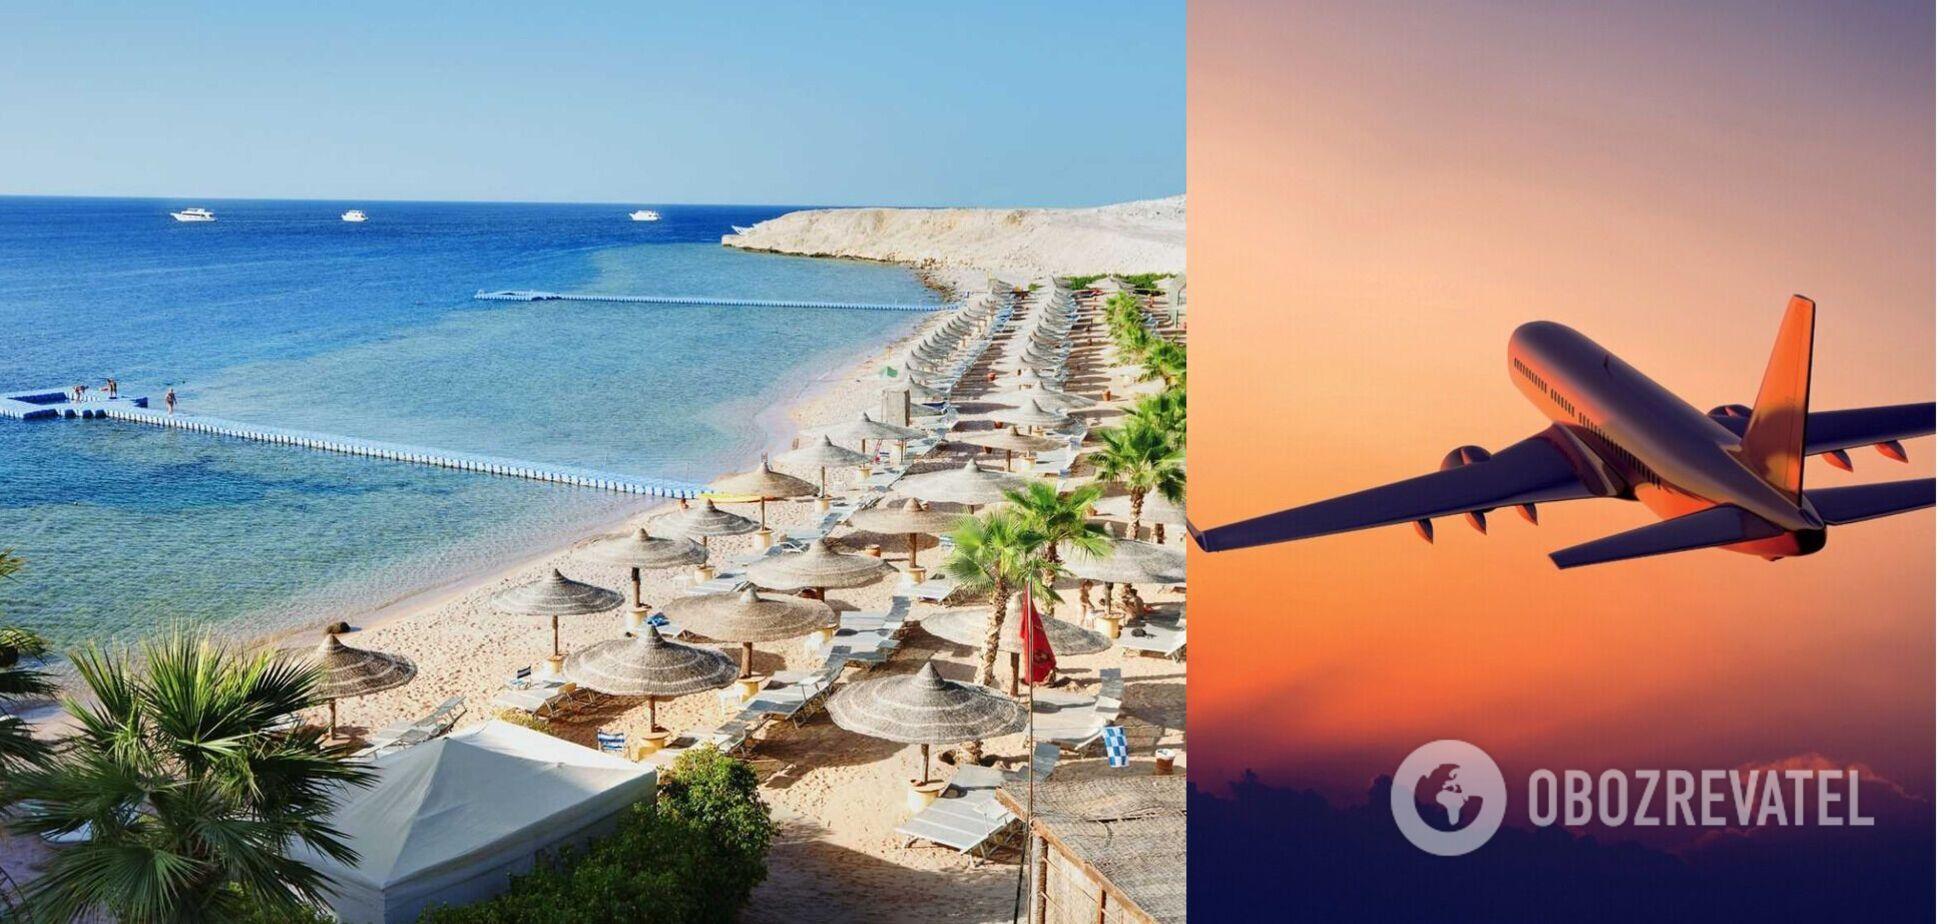 Популярные у украинцев курорты Египта спустя 5 лет намерены возобновить авиарейсы из России